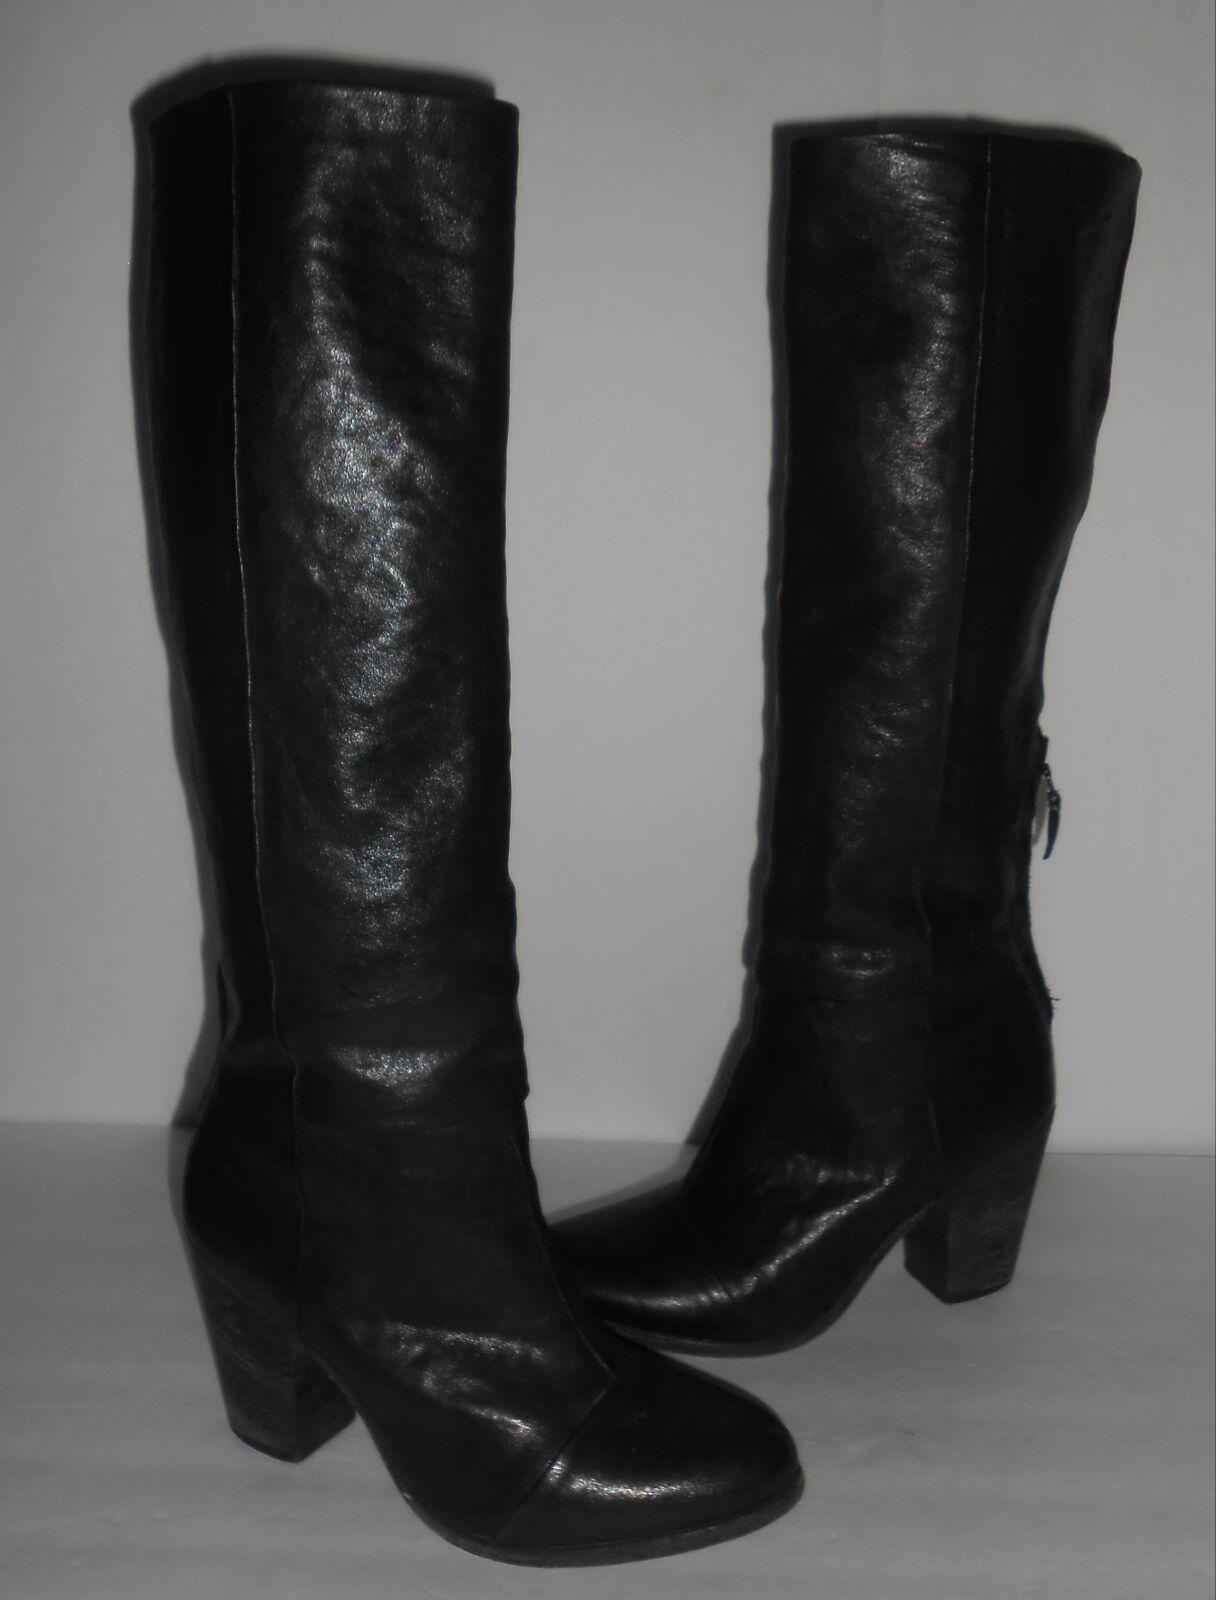 Rag & bone 'Newbury' 'Newbury' 'Newbury' Knee High Boot Black Sz 38 27900b